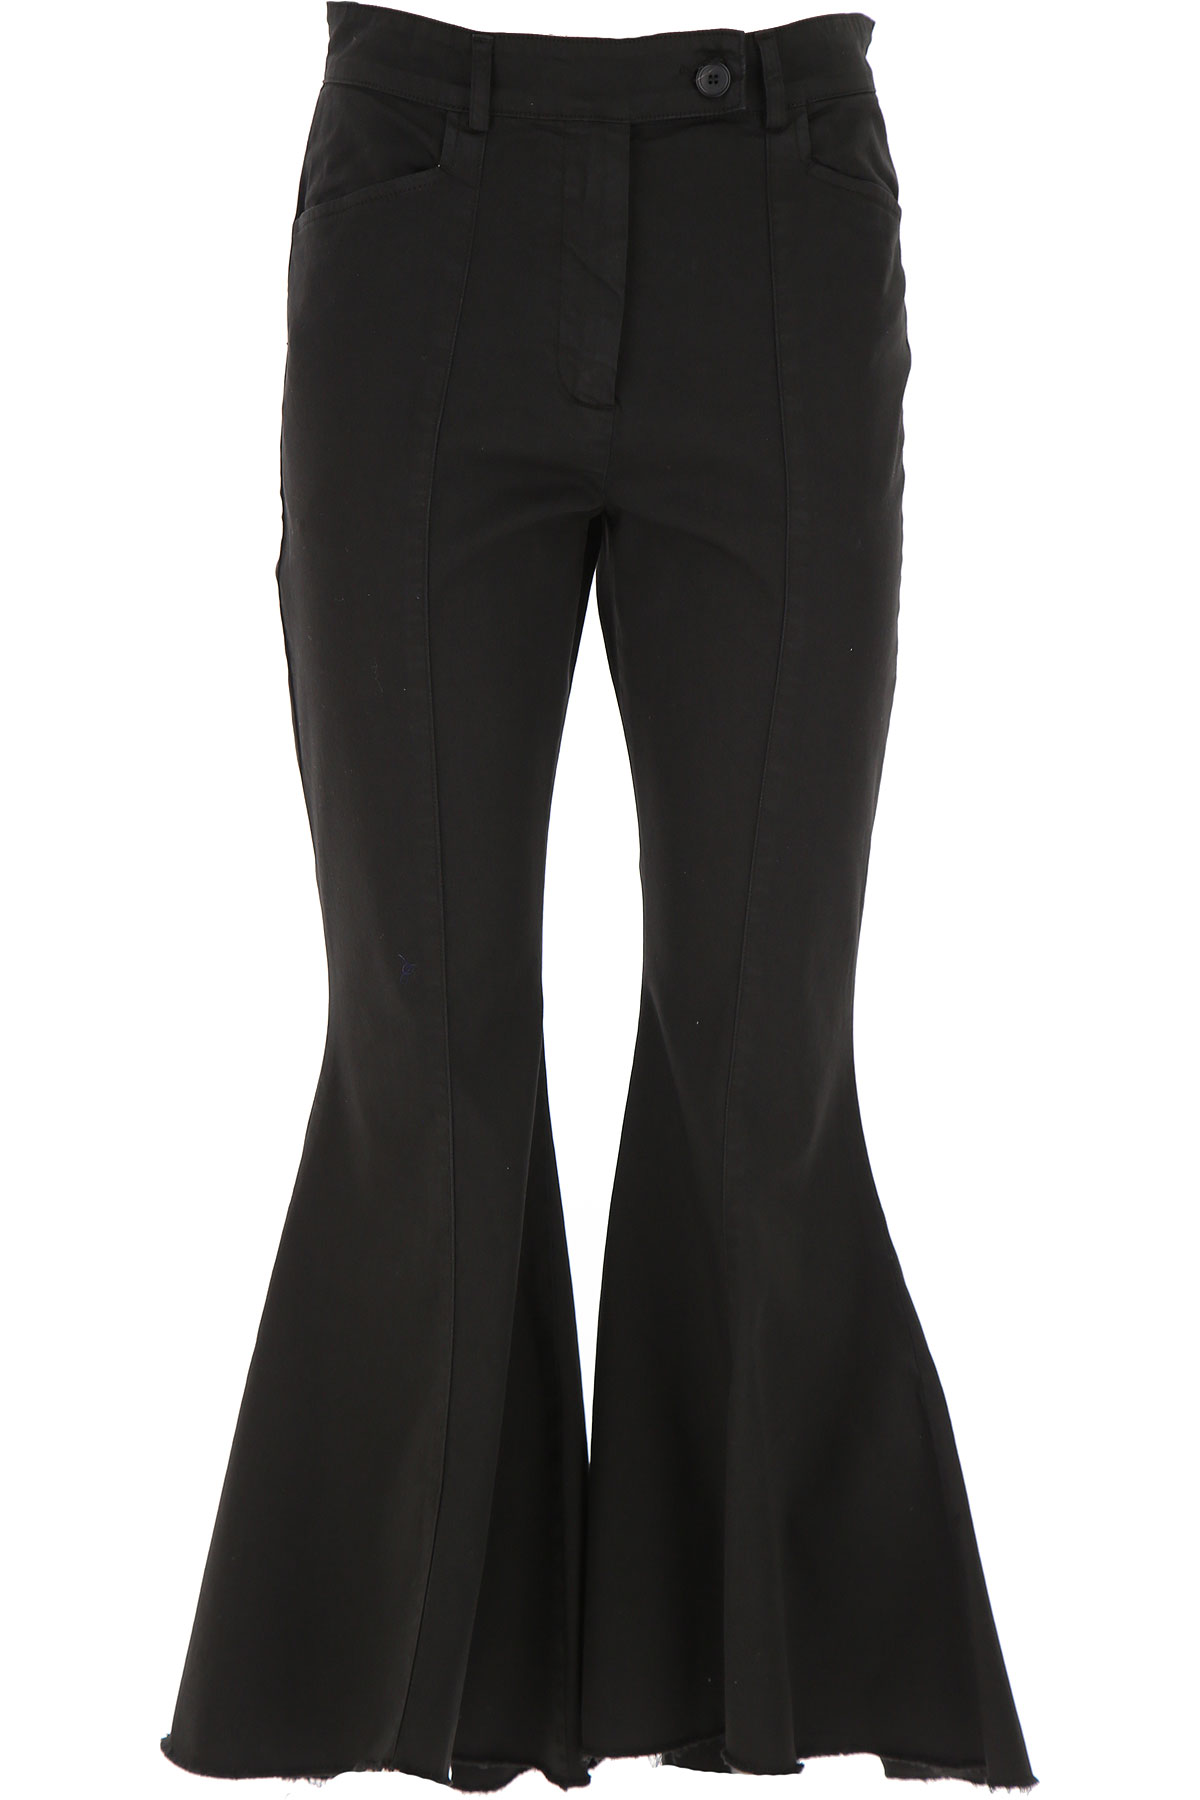 Department Five Pants for Women On Sale, Black, Cotton, 2019, 25 26 27 28 29